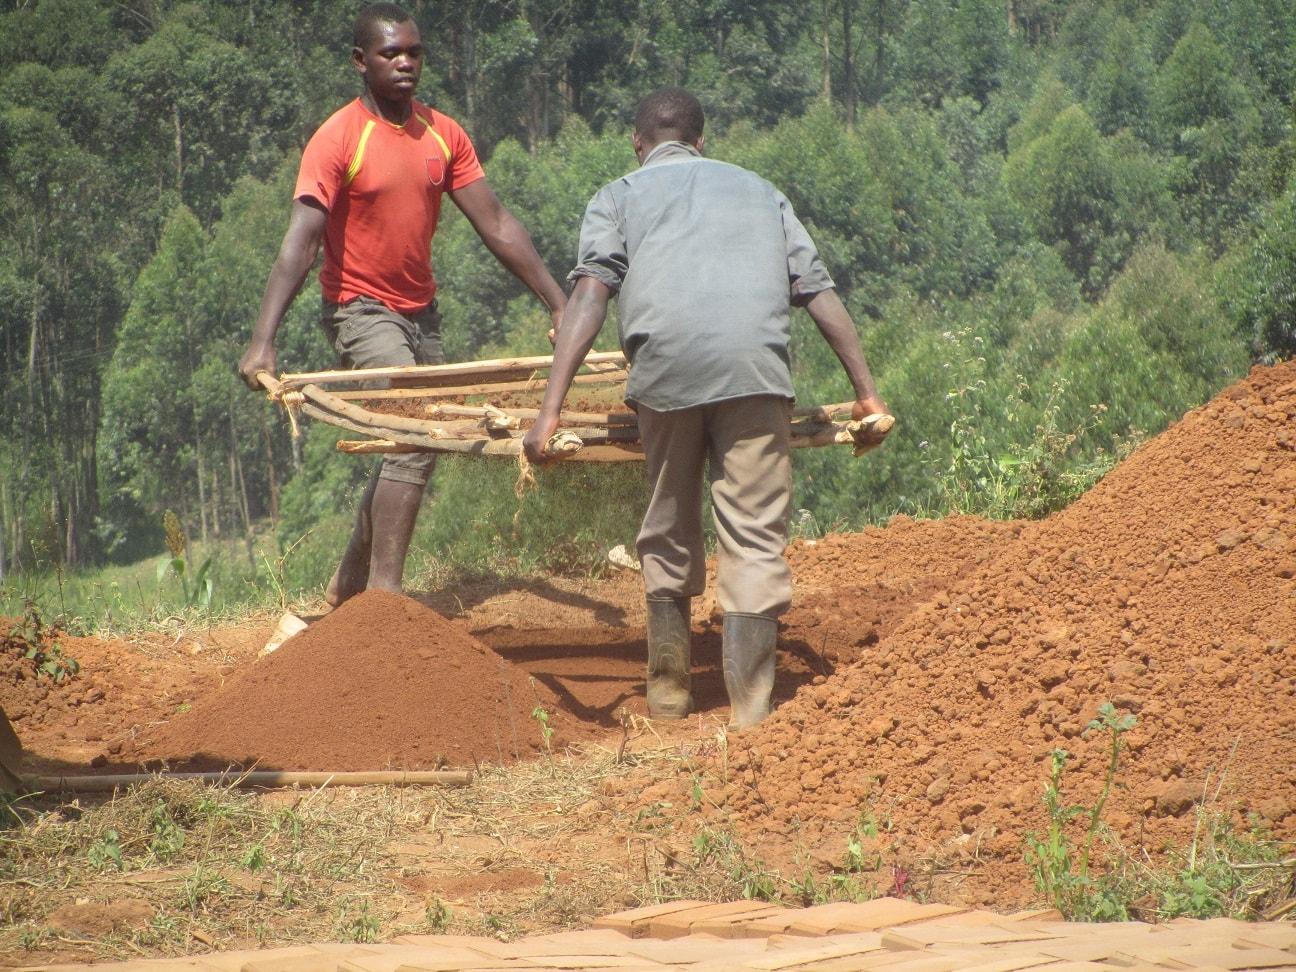 Sieving of Soil for street children home